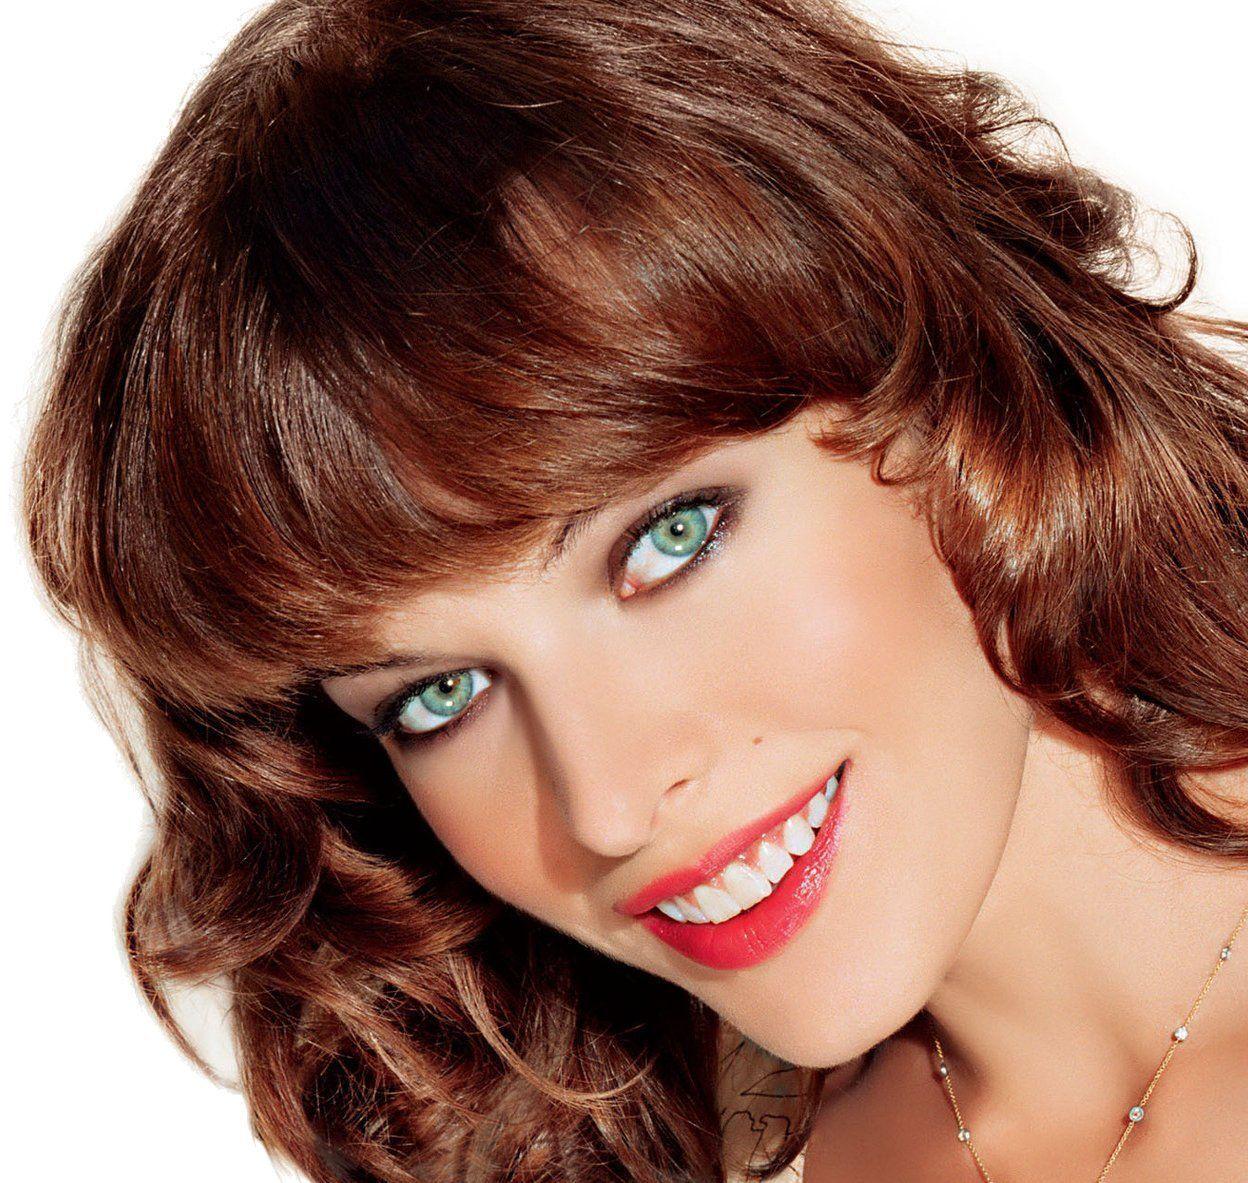 характер по цвету волос и глаз